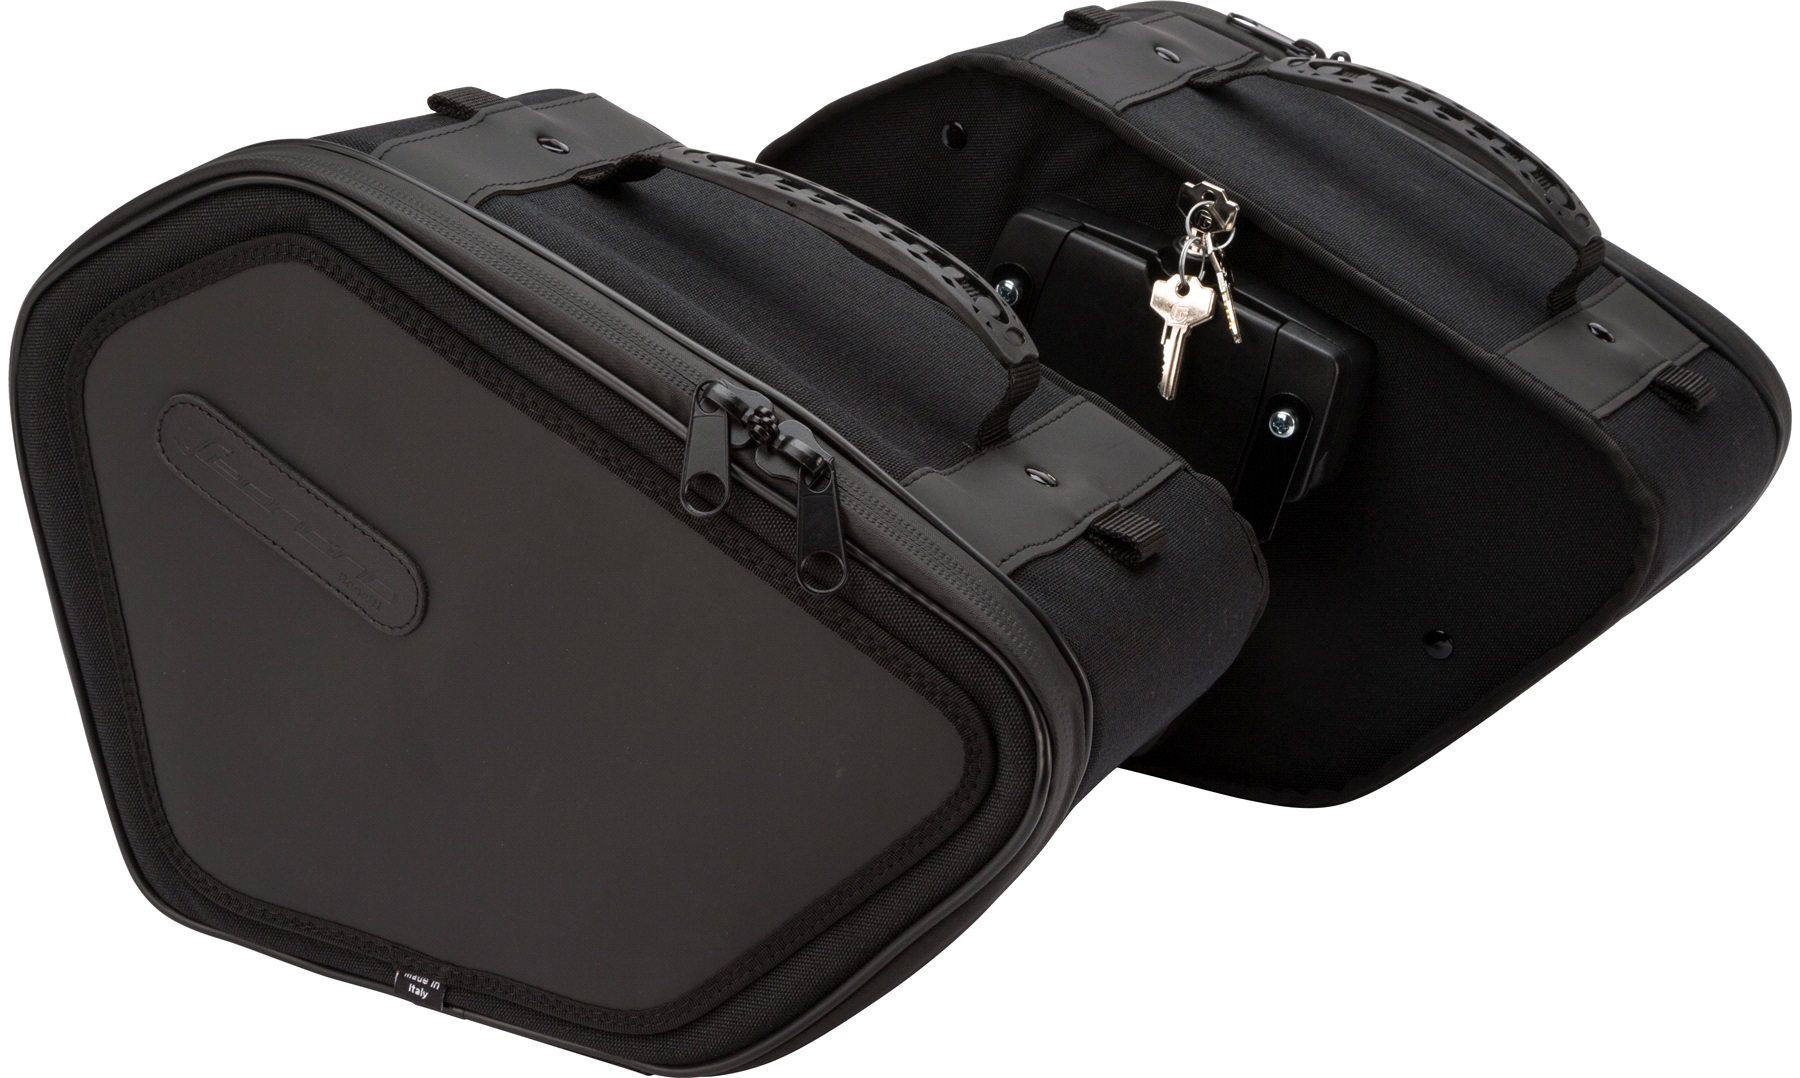 Sidetaskesæt, Leoncino Diverse udstyr MT 07 thansen.dk